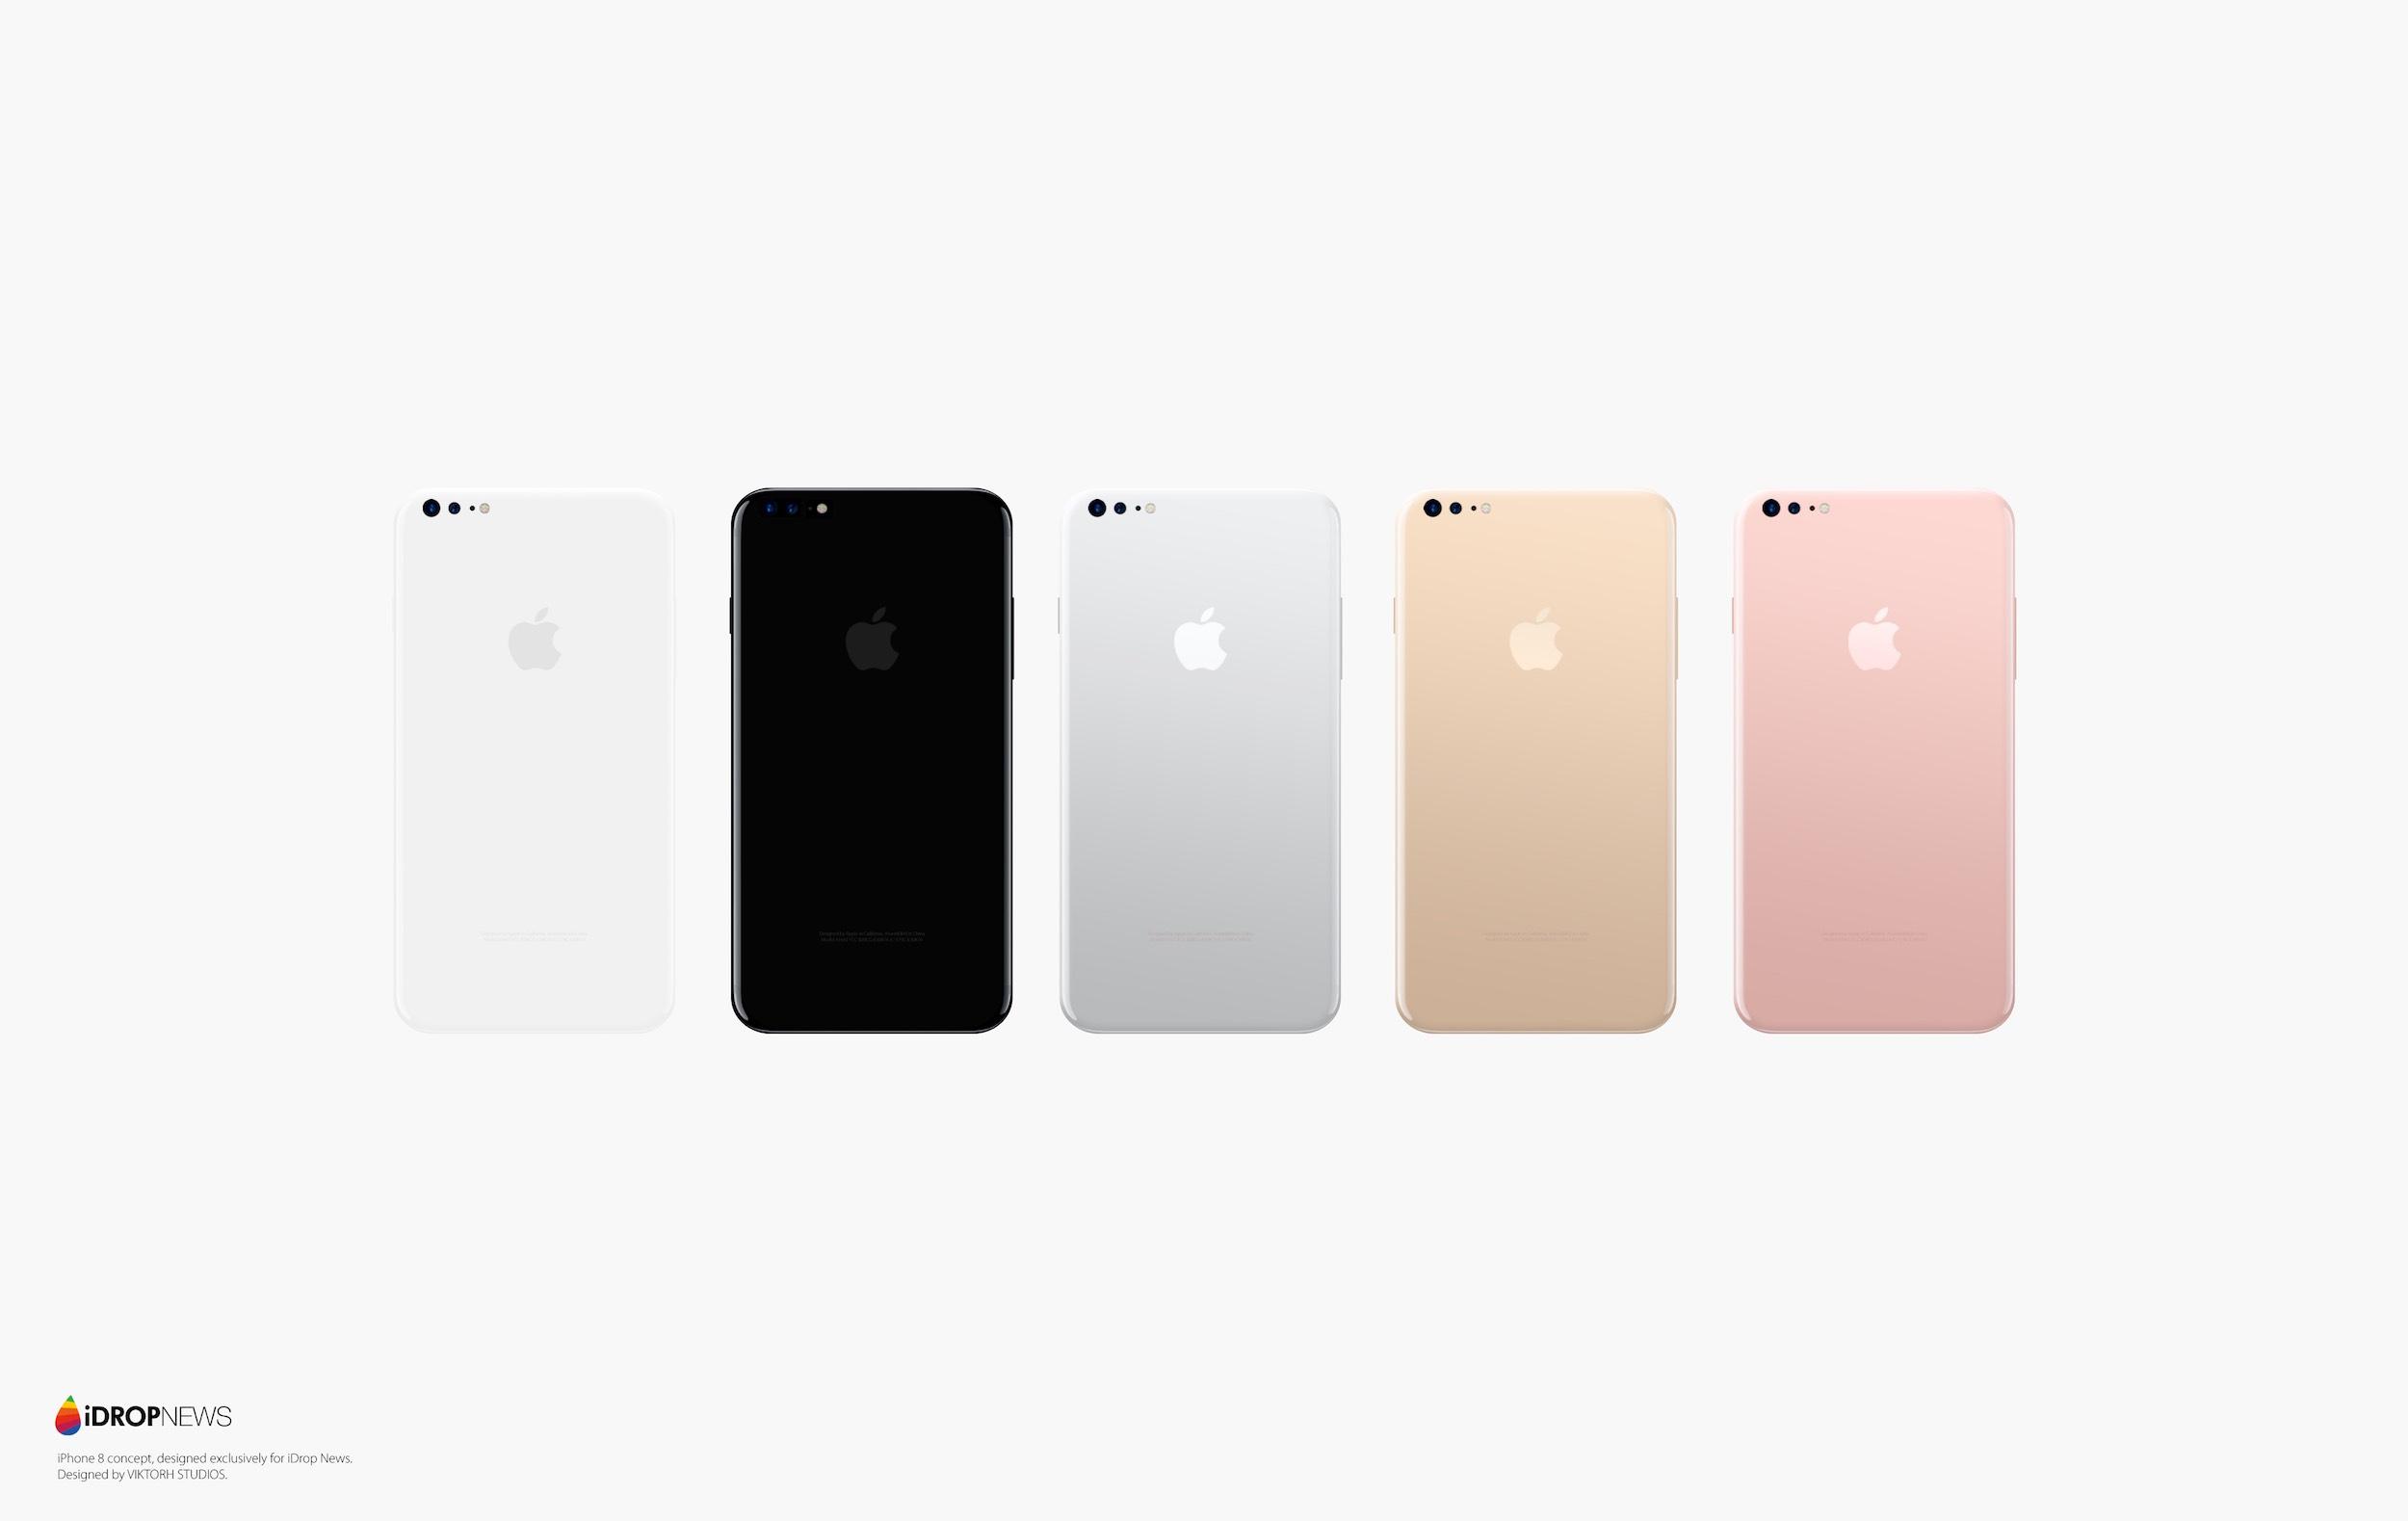 iphone-8-idropnews-exclusive-4